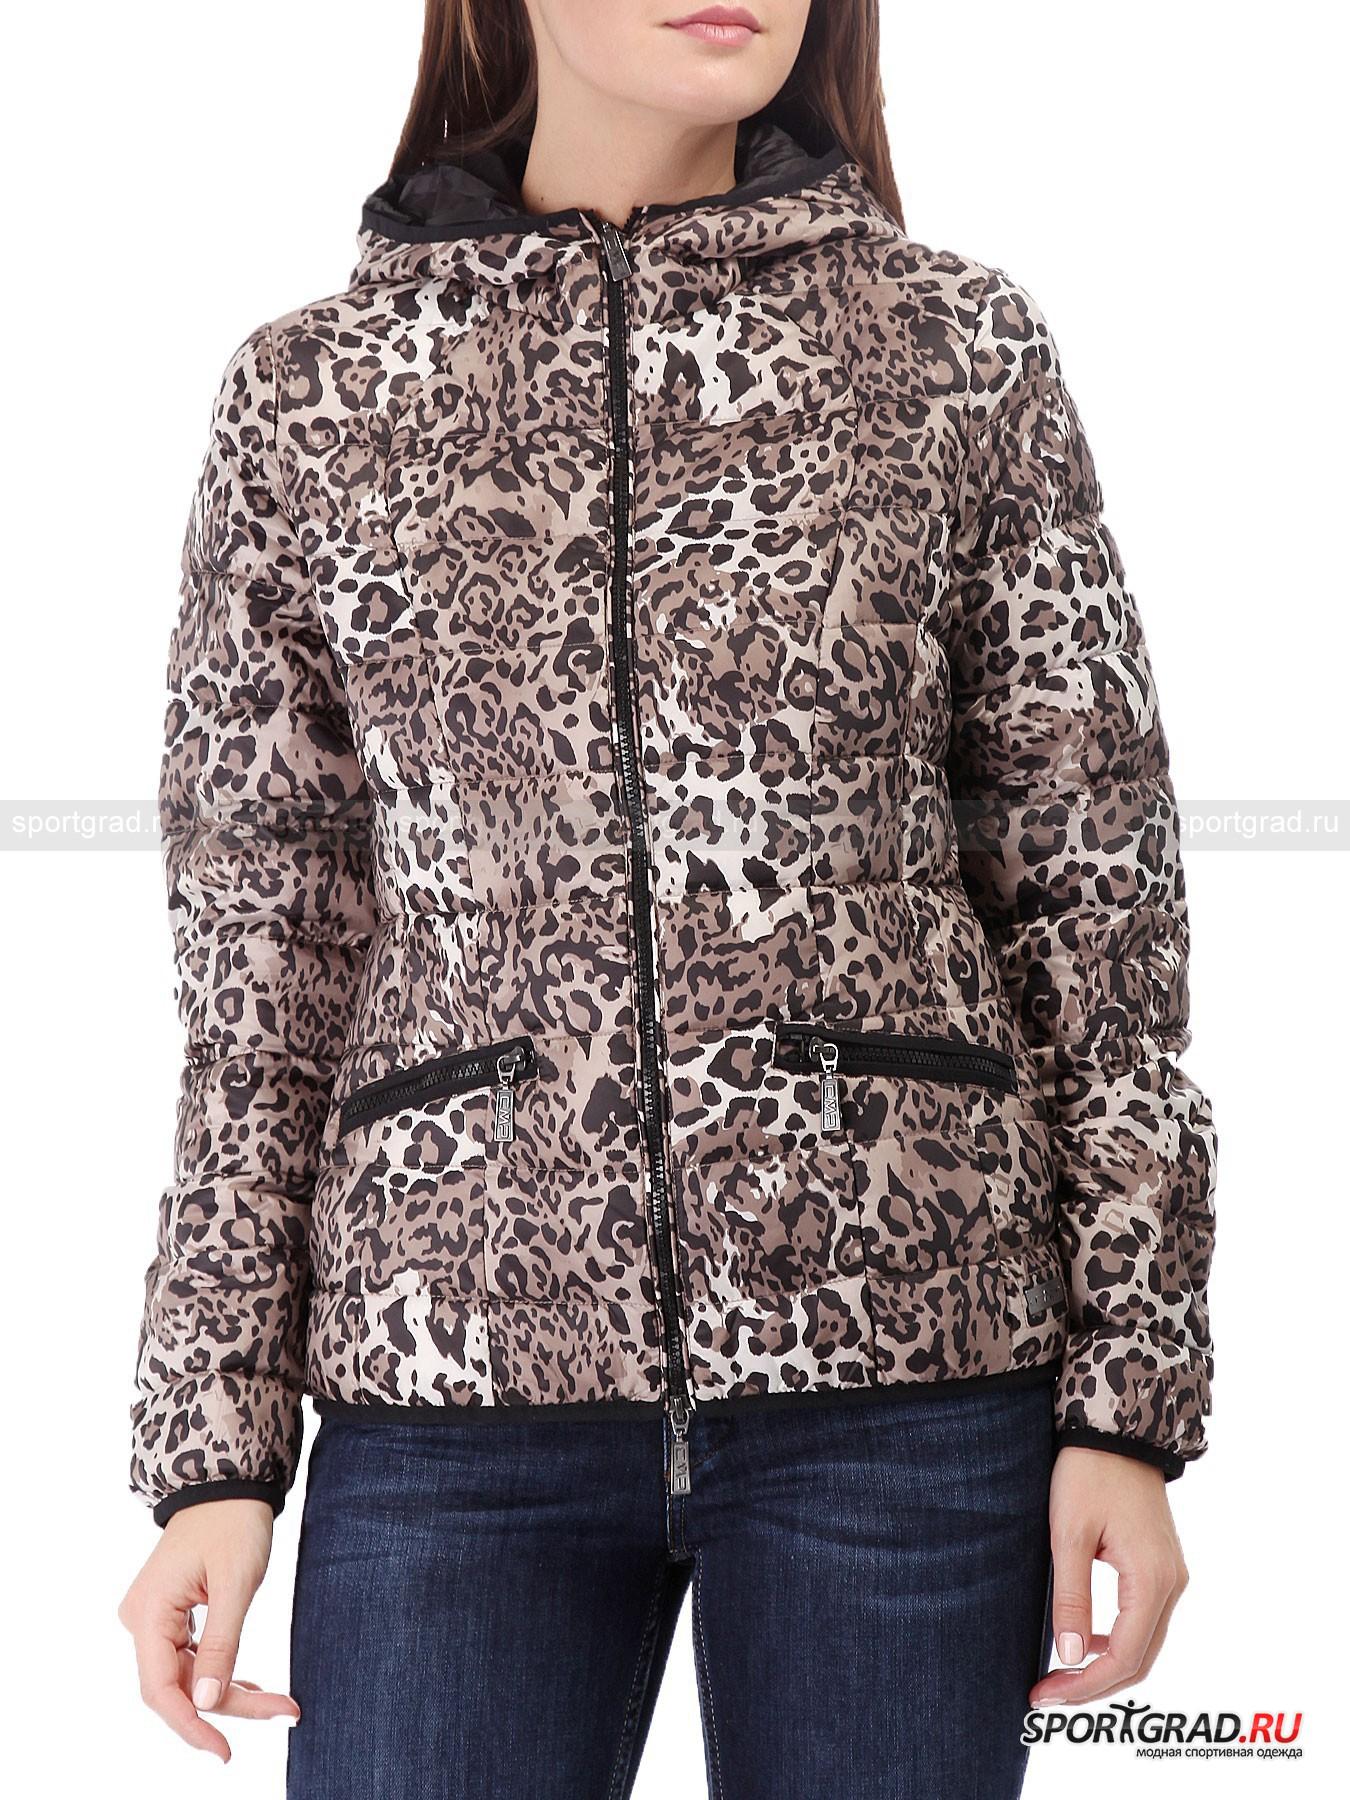 Куртка женская CAMPAGNOLOПуховики<br>В этом сезоне модные тенденции велят каждой девушке хотя бы немного походить на дикую кошку – «хищные» расцветки являются одной из главных тем во многих коллекциях именитых дизайнеров. Бренд Campagnolo (CMP) не стал исключением, выпустив куртки, толстовки, жилеты и другие предметы гардероба, украшенные принтом, имитирующим шкуру животного.<br><br>Прекрасная пуховая куртка CMP – легкая, тонкая, теплая и красивая – займет достойное место в шкафу любой девушки, интересующейся модой, и станет превосходным выбором для холодного времени года. <br><br>Особенности модели:<br>- фронтальная молния с двумя бегунками;<br>- два кармана;<br>- капюшон;<br>- петля для подвешивания.<br><br>Пол: Женский<br>Возраст: Взрослый<br>Тип: Пуховики<br>Рекомендации по уходу: деликатная стирка при температуре до 30 С; влажная химическая чистка: нельзя отбеливать, гладить; можно сушить в стиральной машине при низкой температуре<br>Состав: 100% полиэстер; наполнитель 90% пух, 10% перо